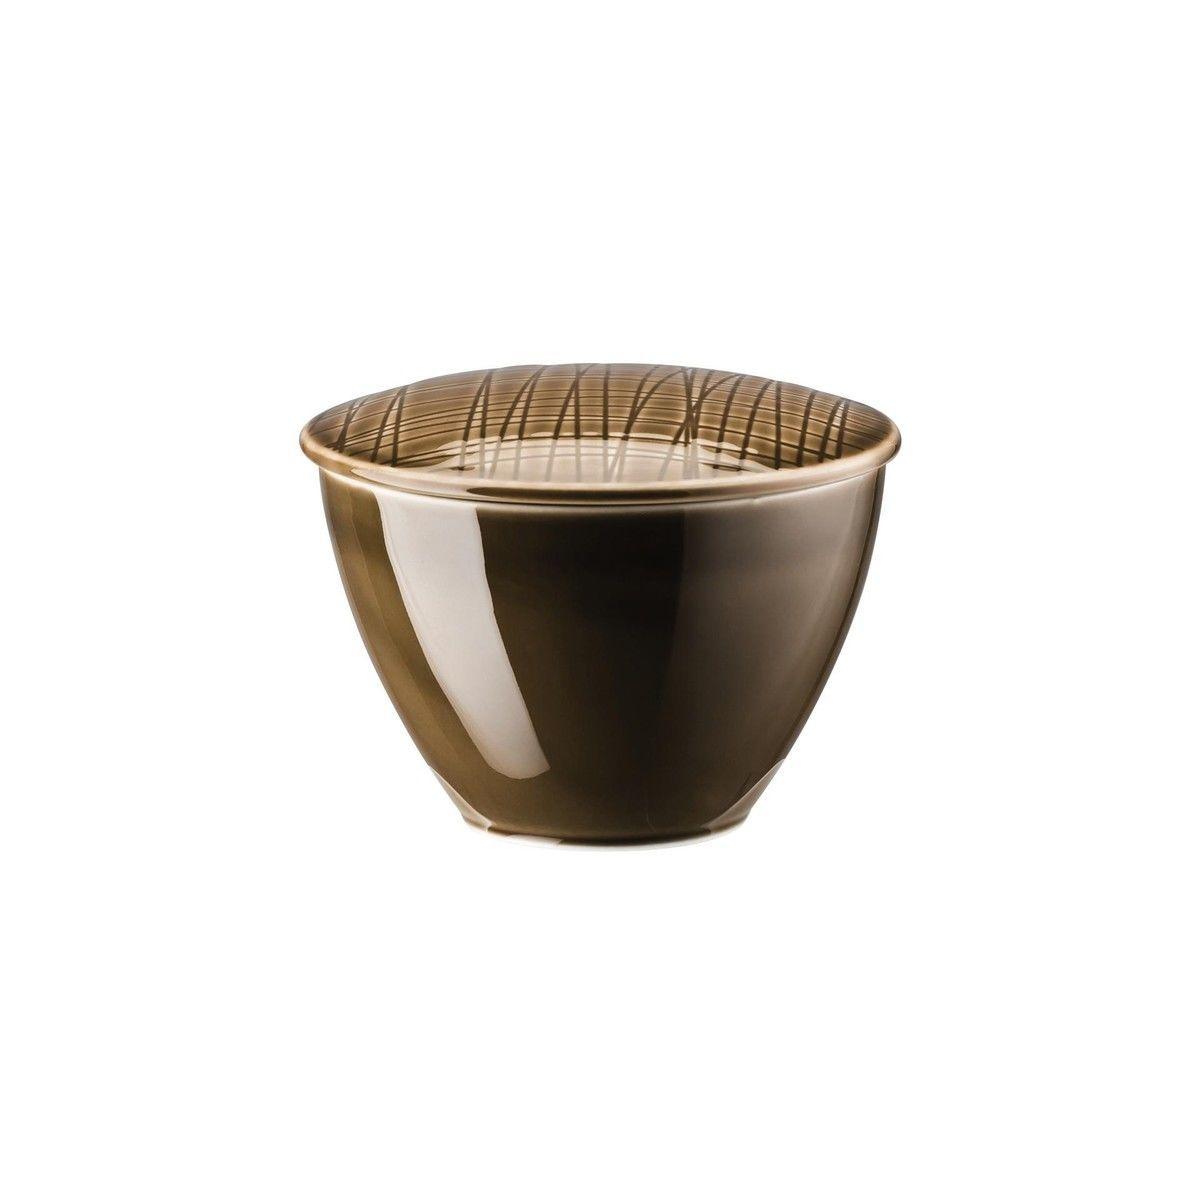 rosenthal mesh sugar bowl rosenthal. Black Bedroom Furniture Sets. Home Design Ideas